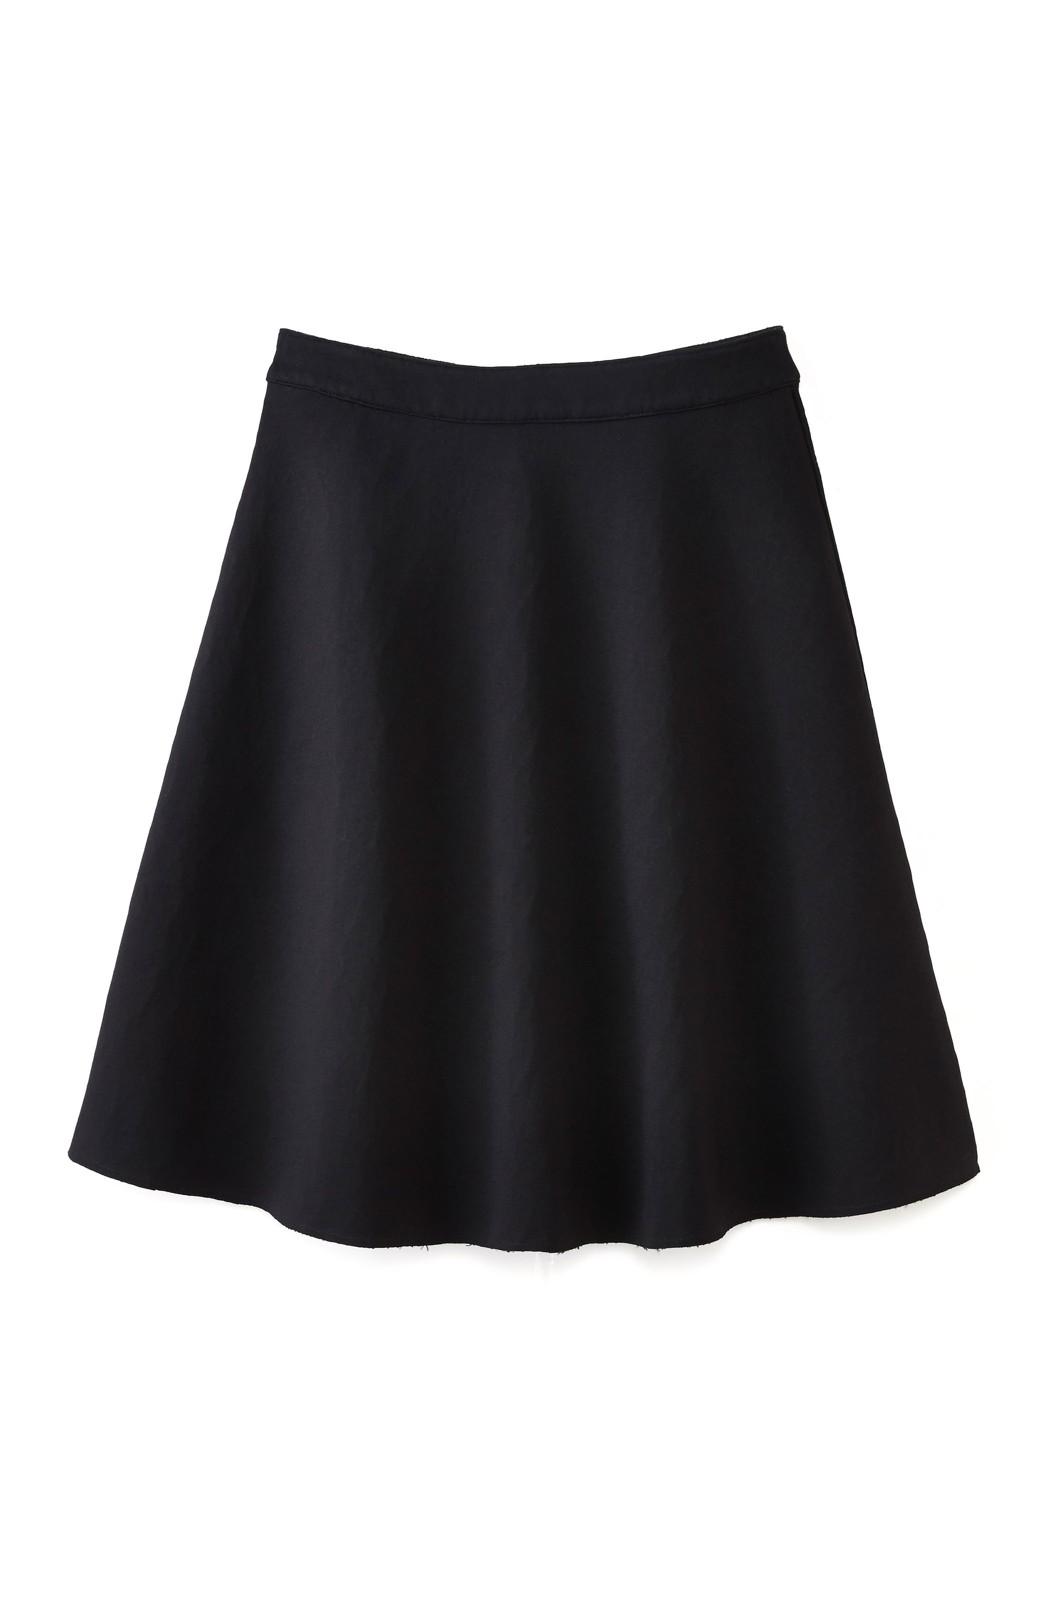 エムトロワ 定番ブラックと華やかレースのリバーシブルフレアースカート <ブラック>の商品写真3